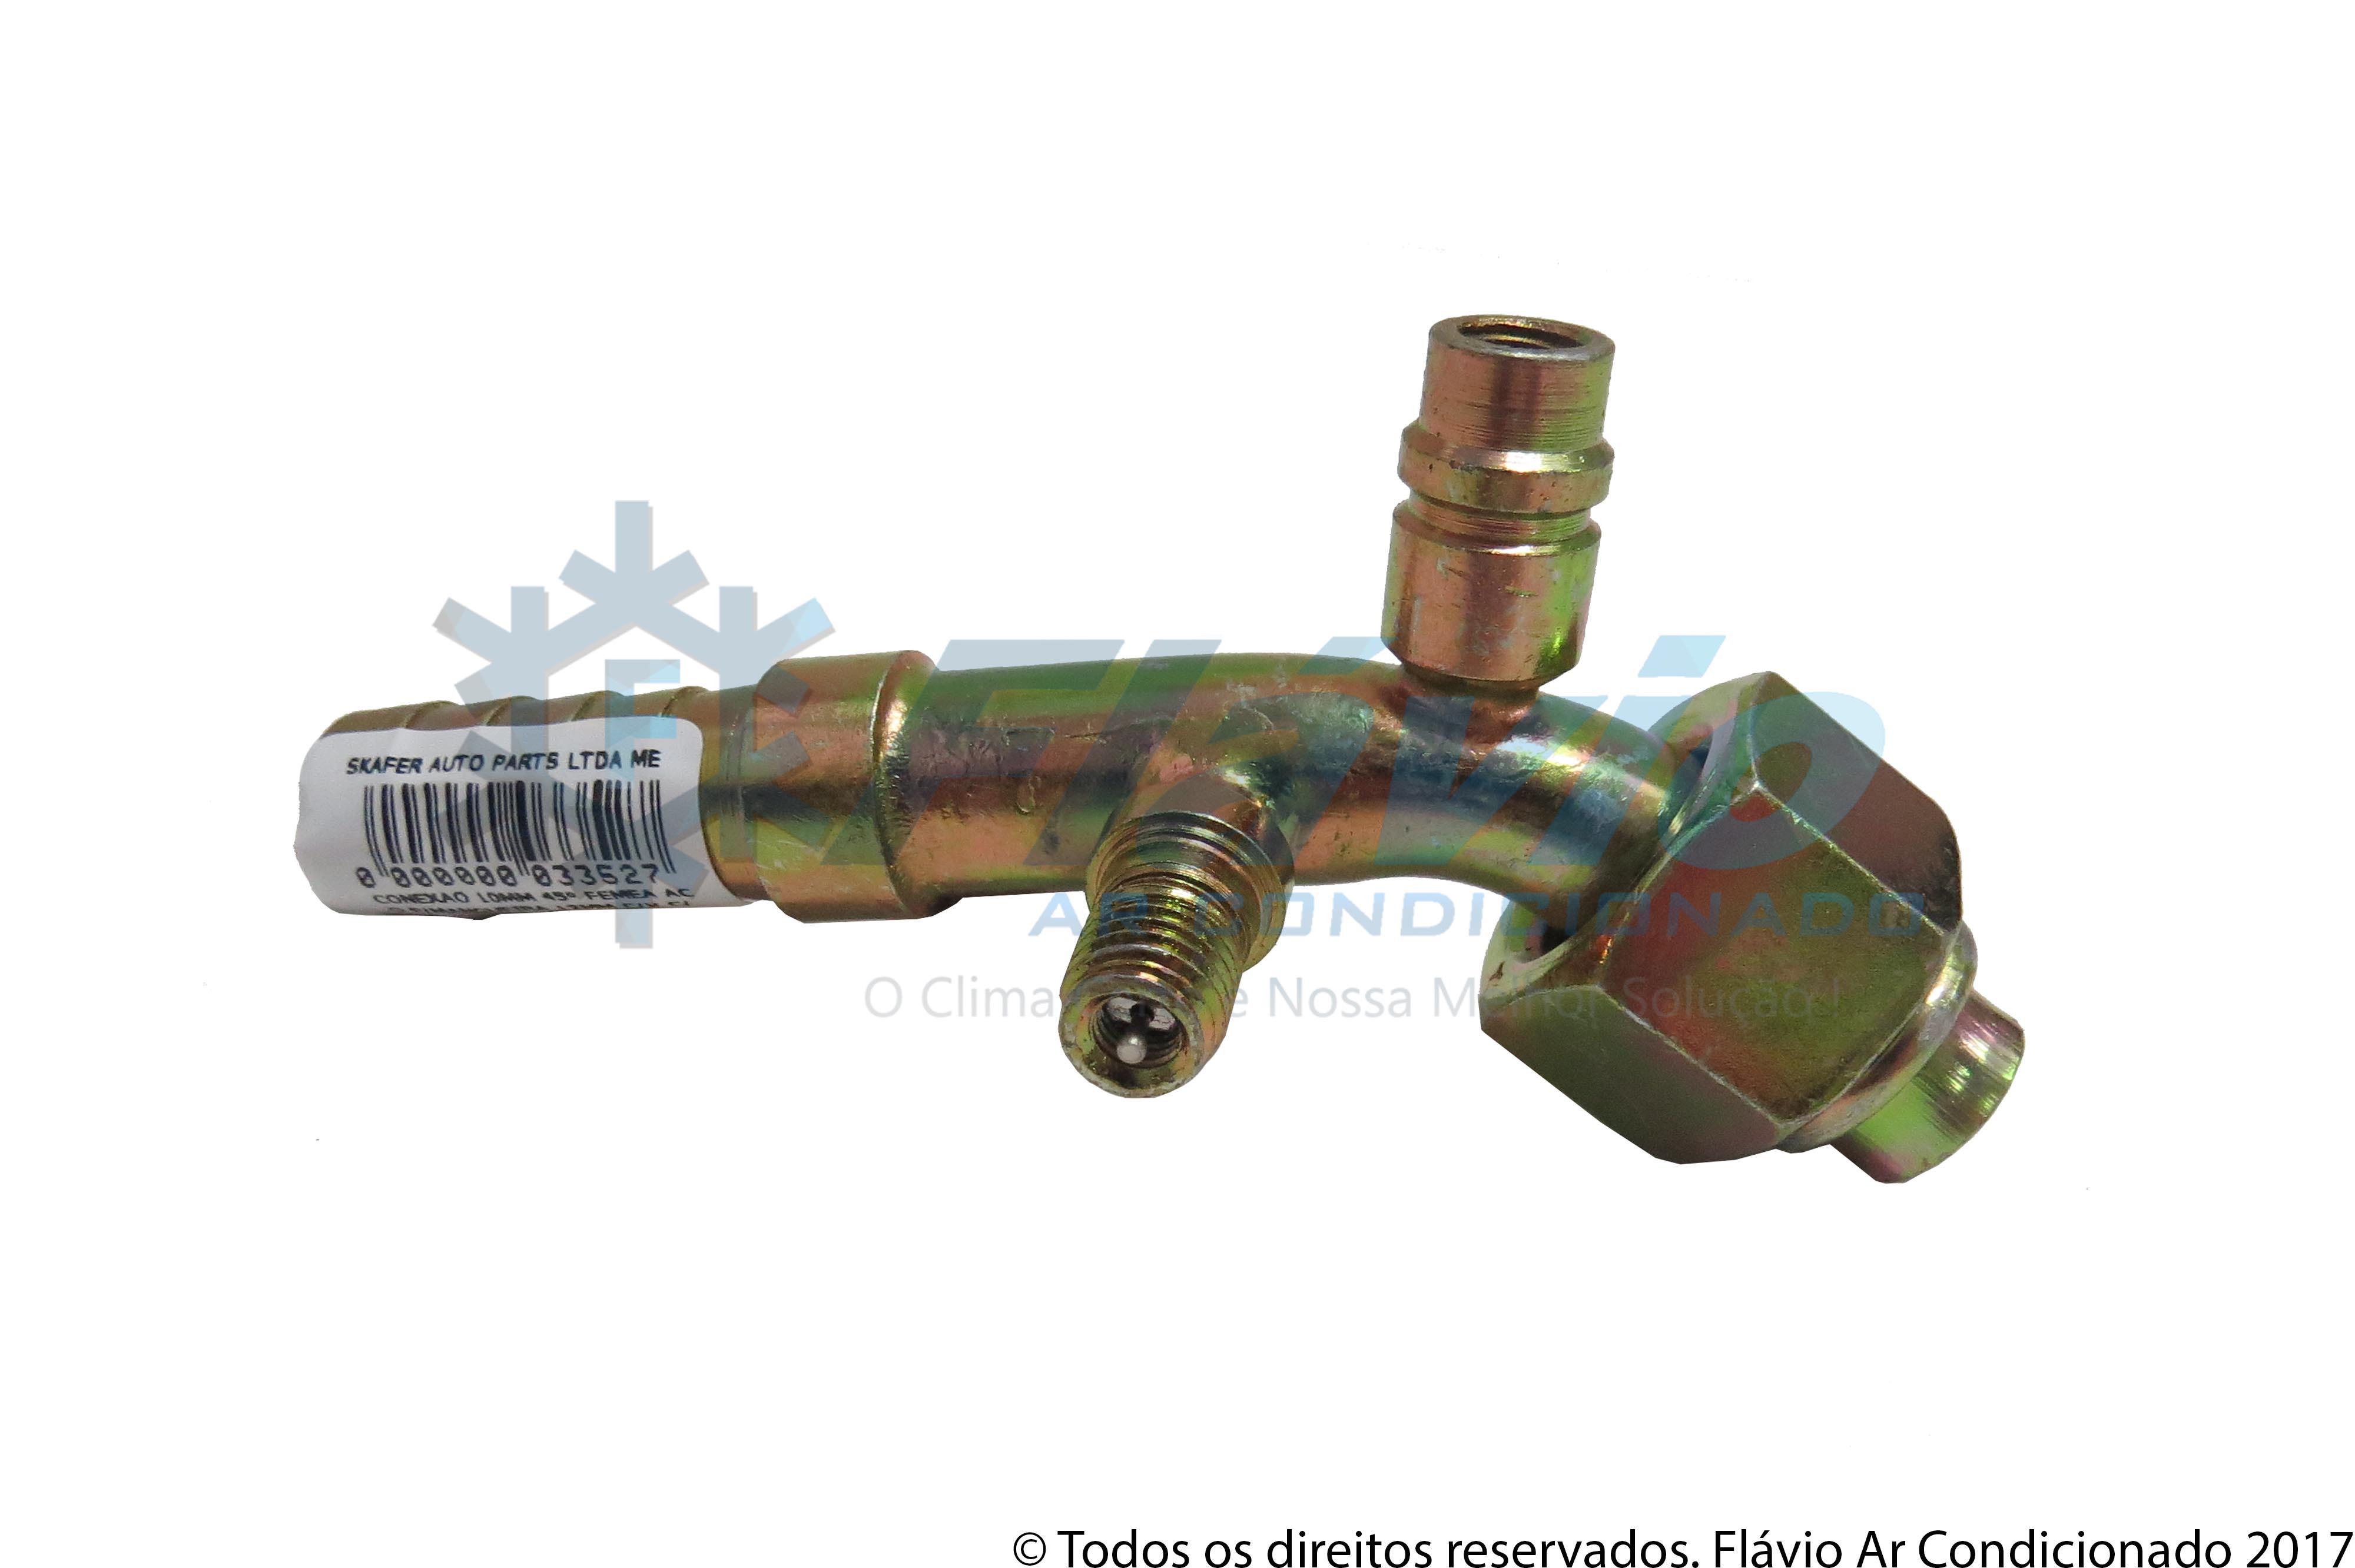 CONEXAO 10MM 45° FEMEA ACO PARA MANGUEIRA 12MM COM VALVULA COM ENGATE CASE 8800